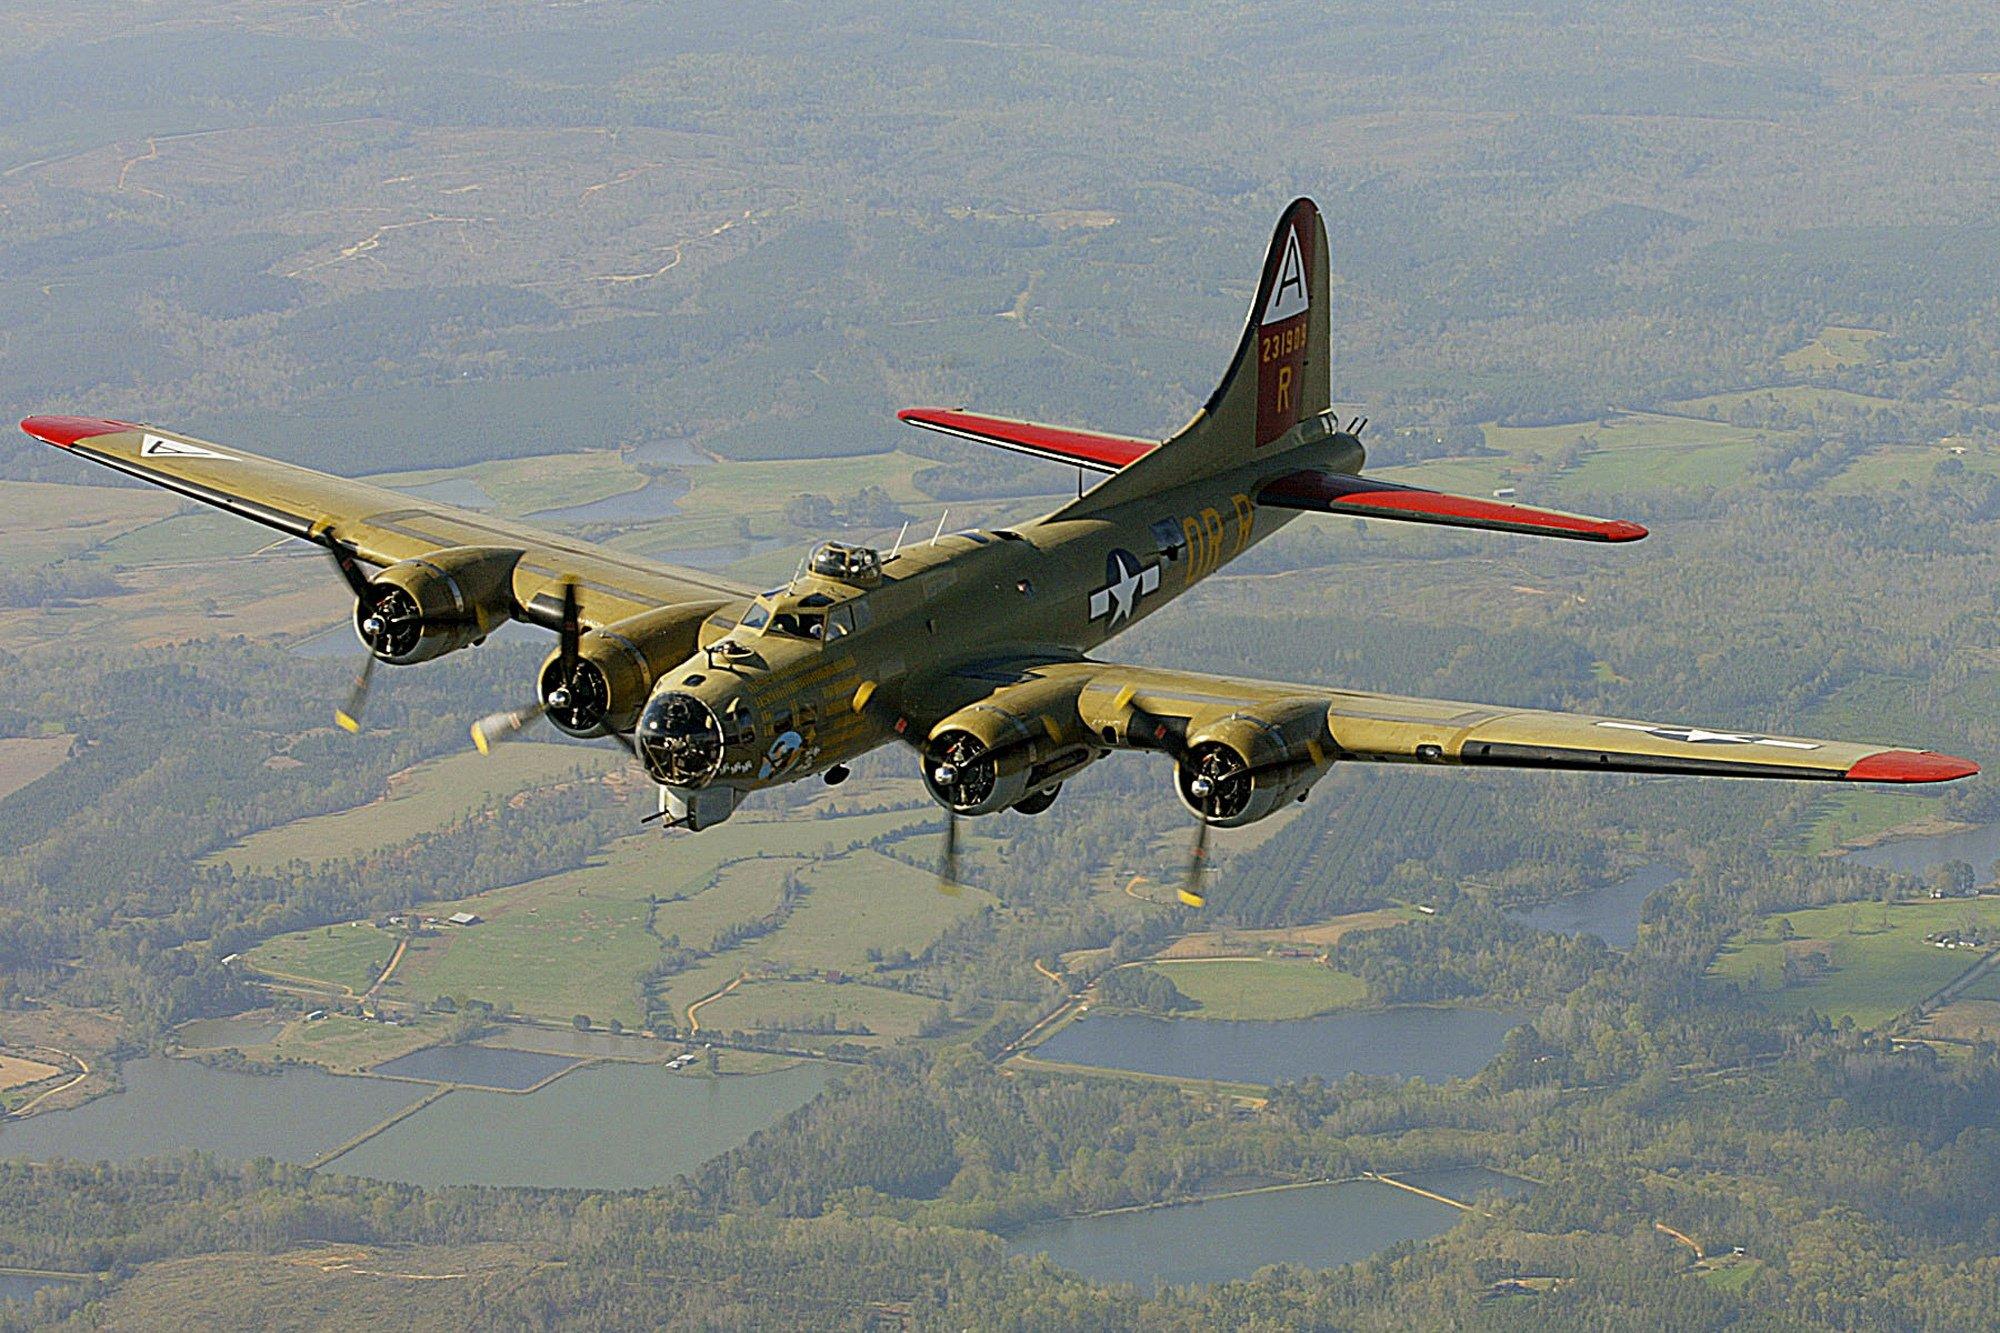 B-17 crash raises questions about vintage plane safety